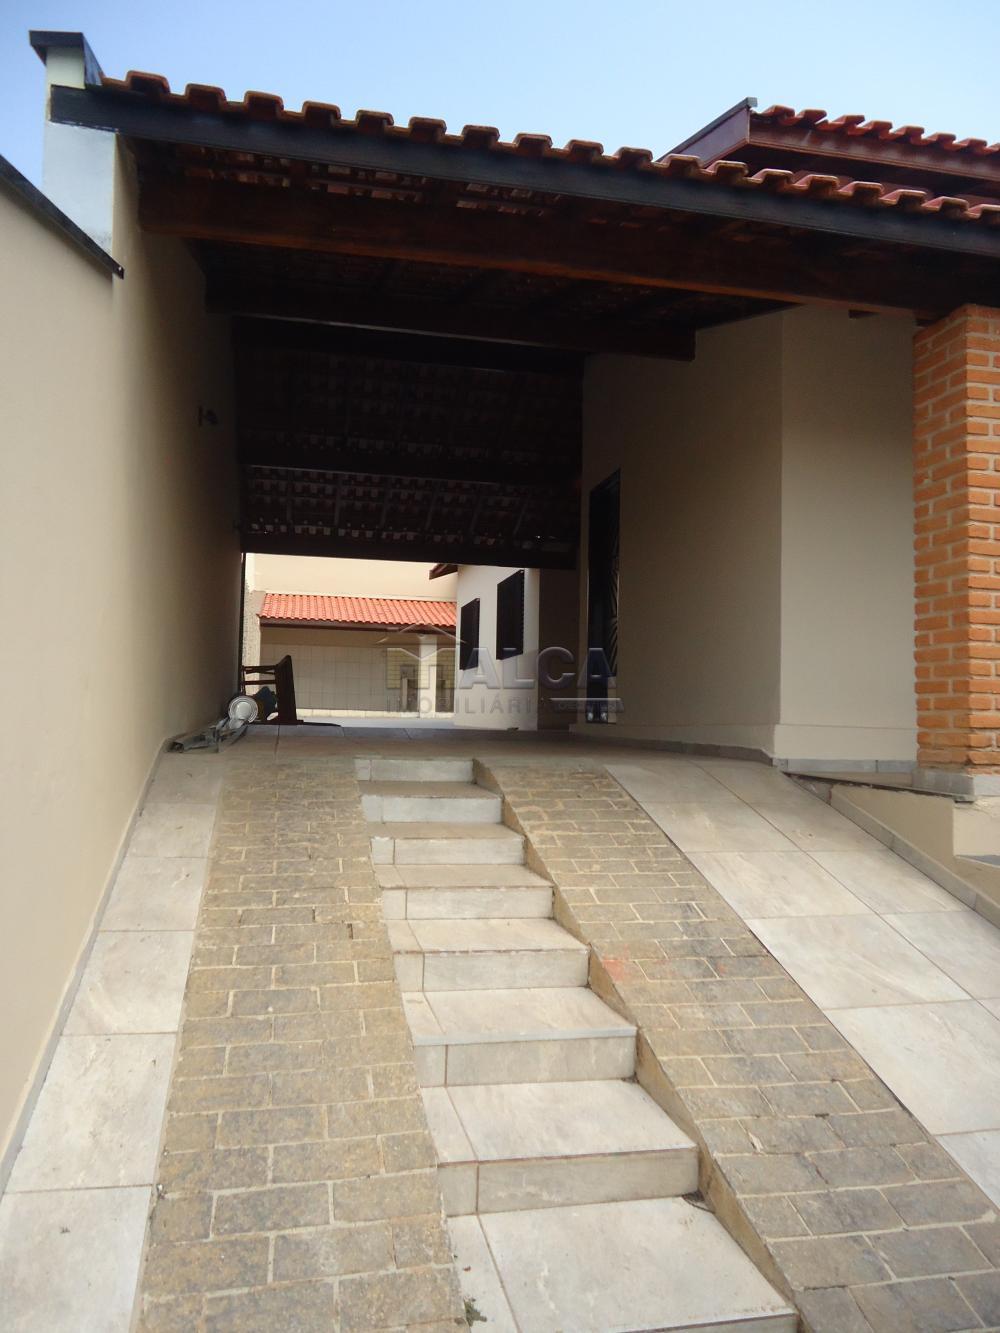 Alugar Casas / Padrão em São José do Rio Pardo R$ 1.300,00 - Foto 5